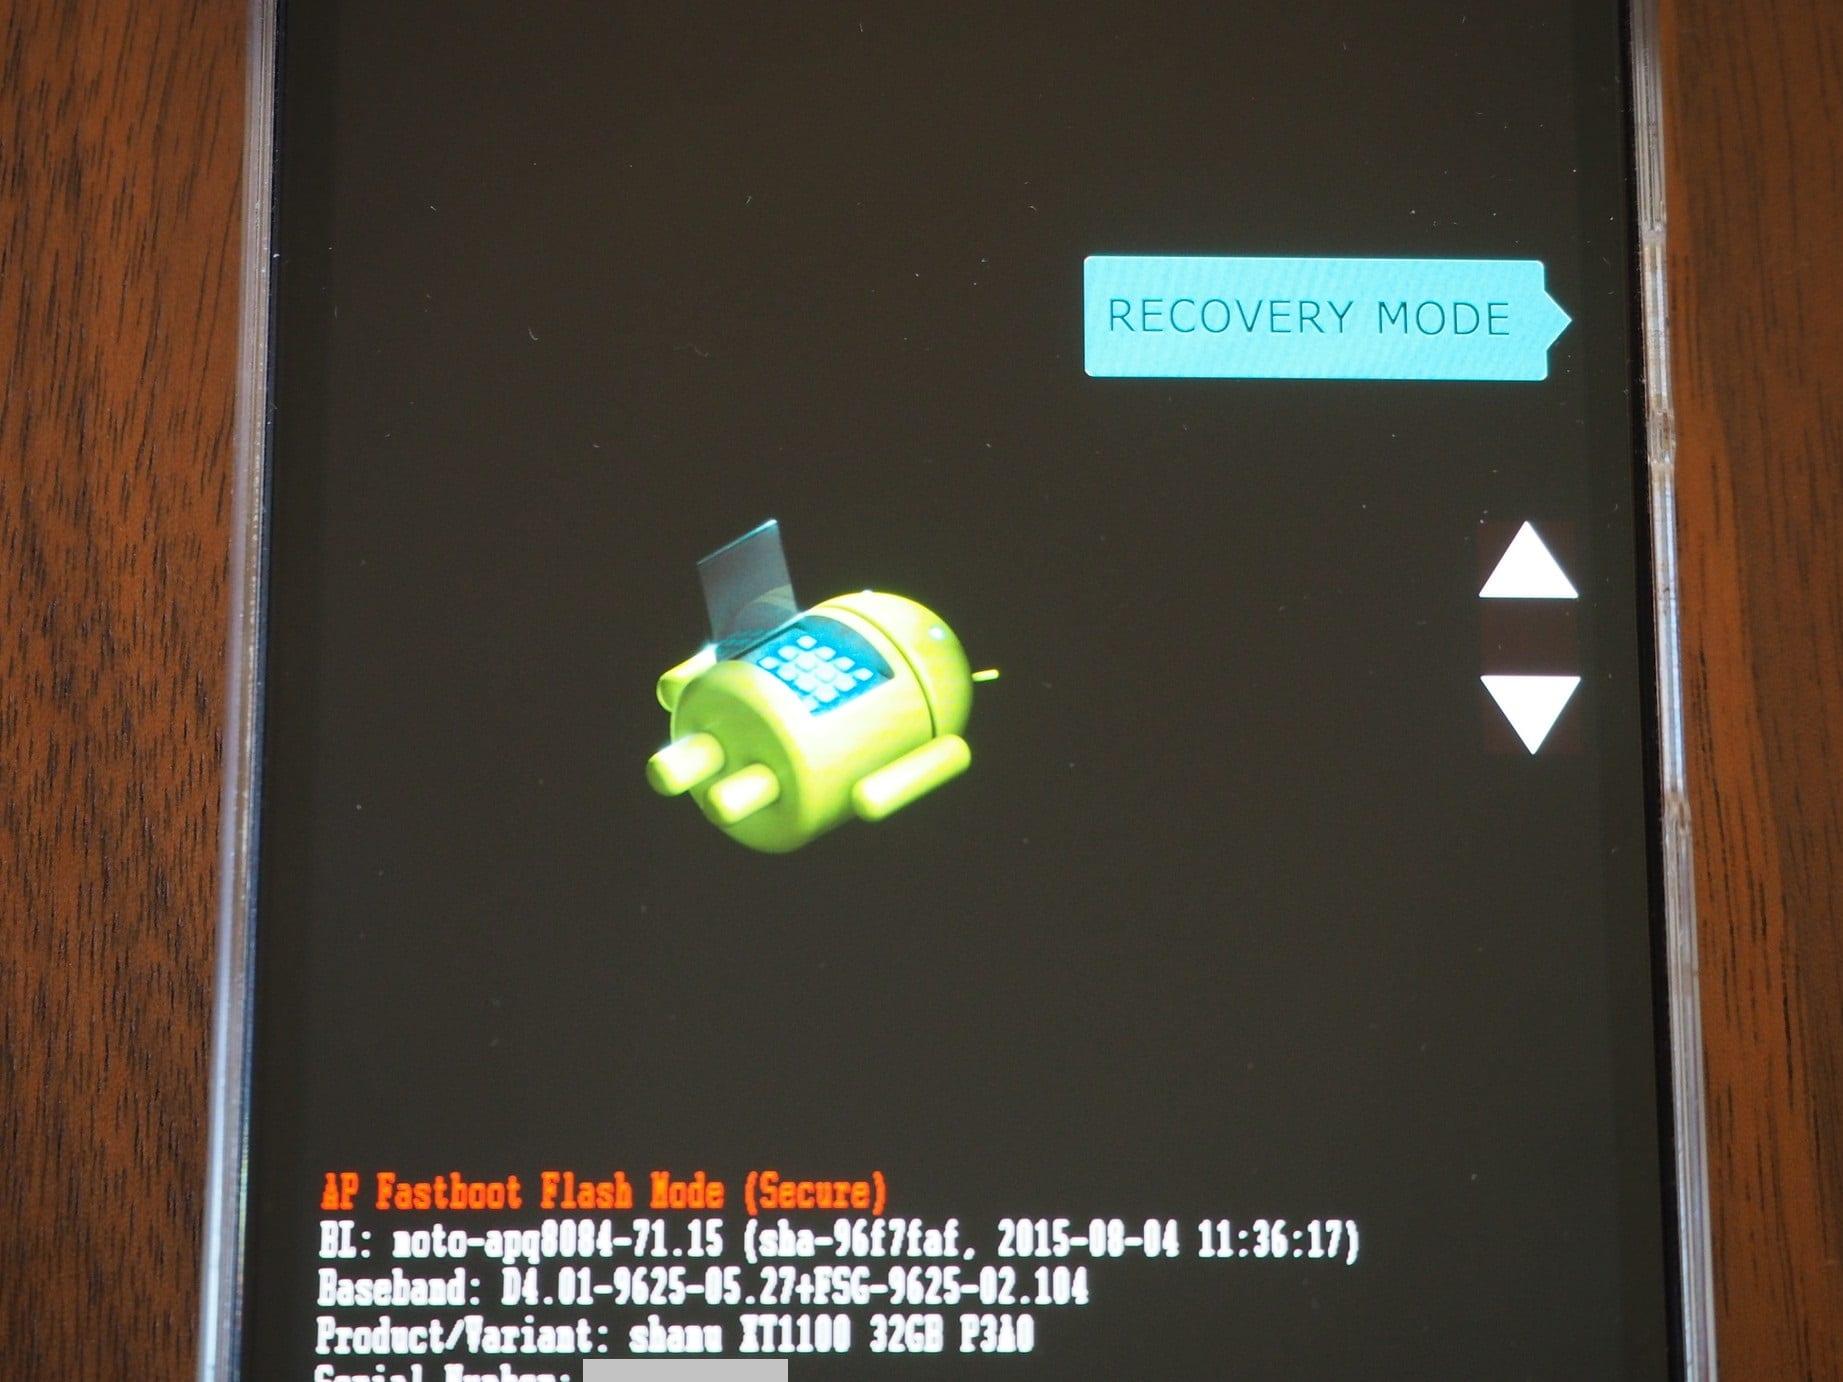 Nexus6 Android 6.0 Marshmallowのroot化方法・手順。